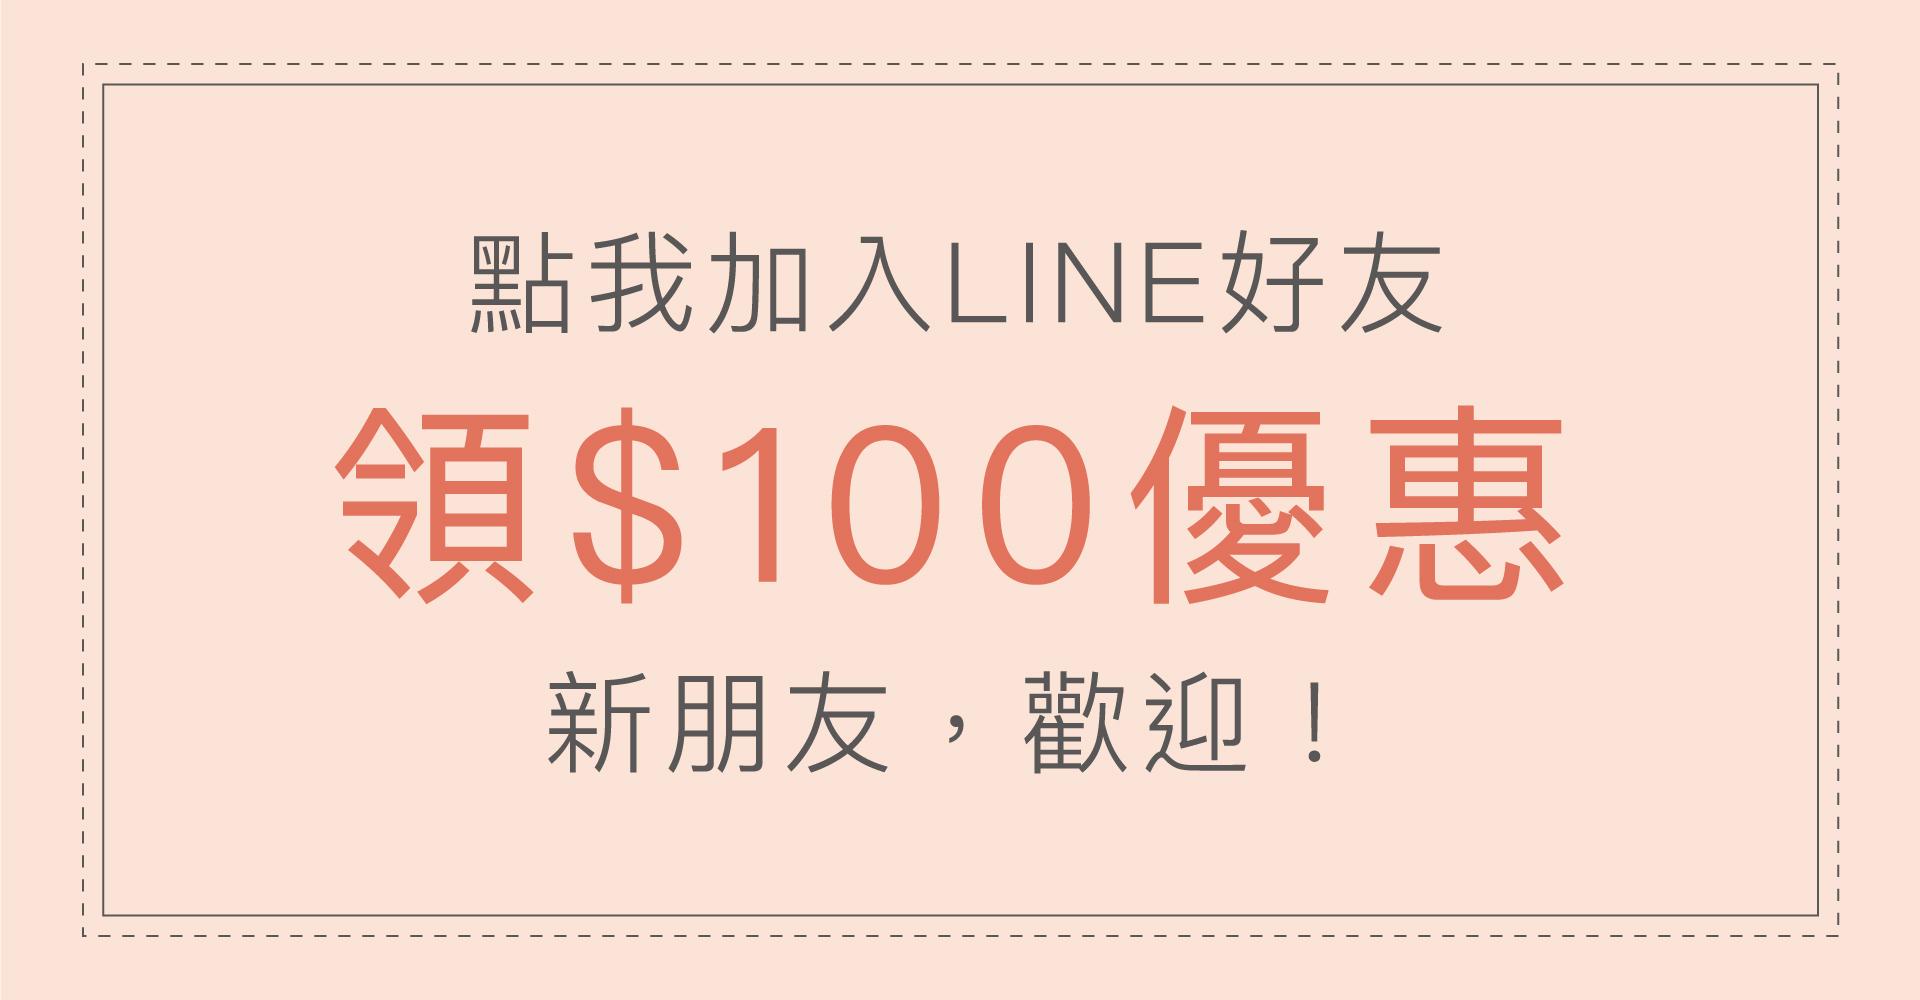 點我加入line好友,領取$100優惠。新朋友,歡迎!